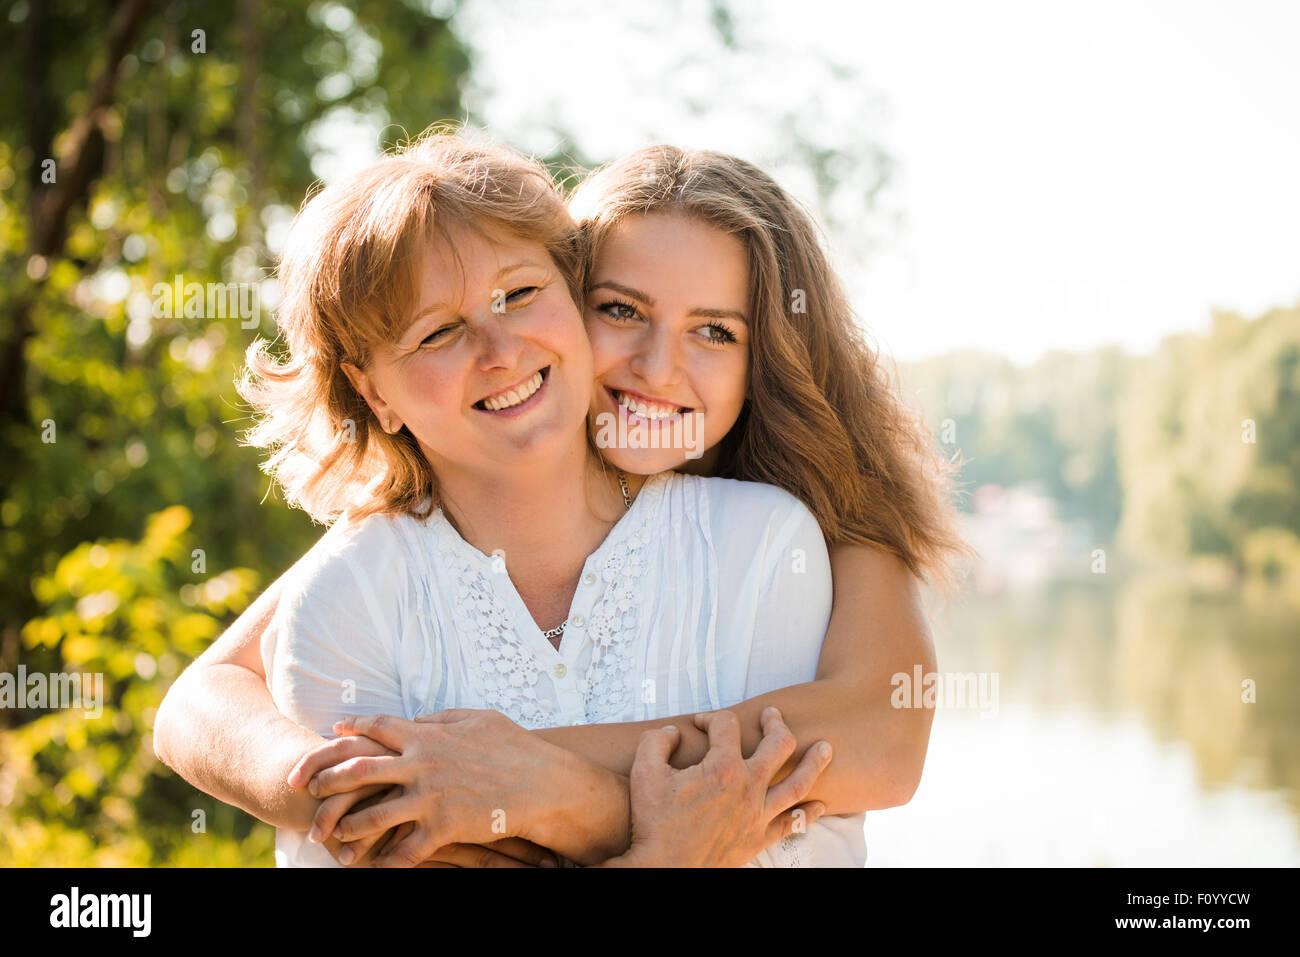 Coppia madre abbracciando con sua figlia teenager outdoor in natura sulla giornata di sole Immagini Stock